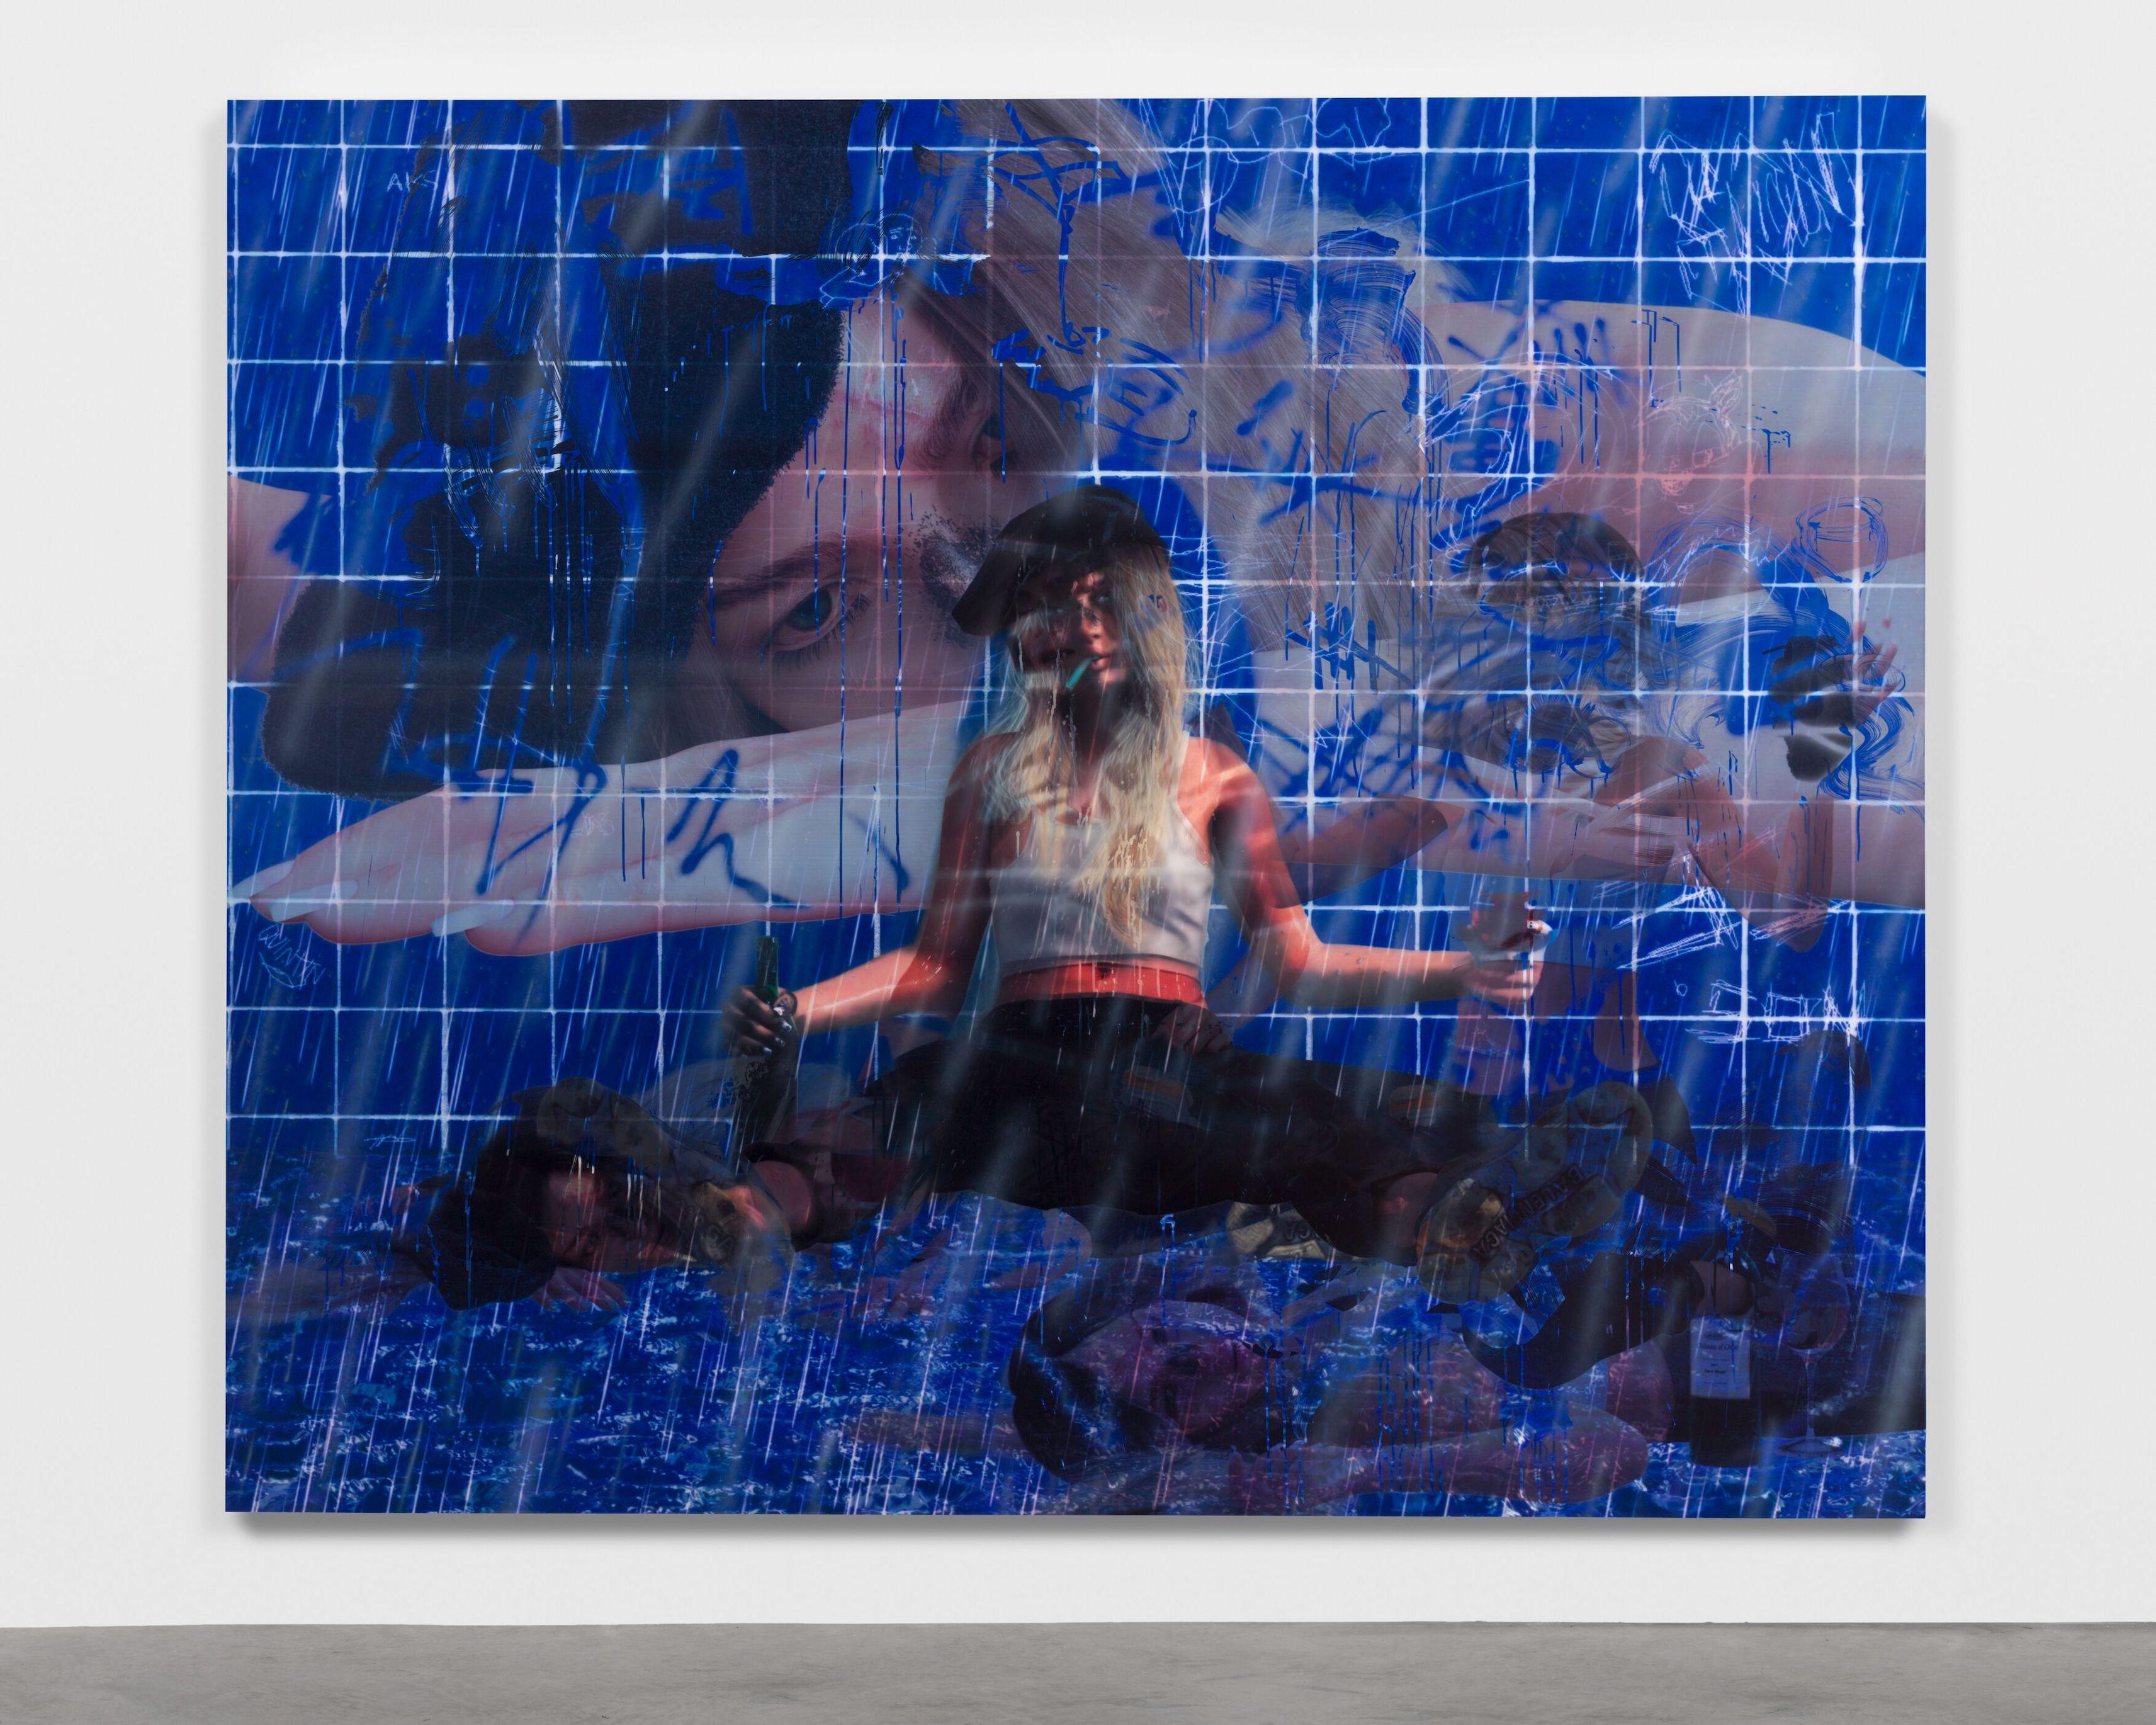 """""""Jordan"""" (2019) d'Avery Singer. Courtesy of the artist, Hauser & Wirth and Kraupa-Tuskany Zeidler, Berlin."""